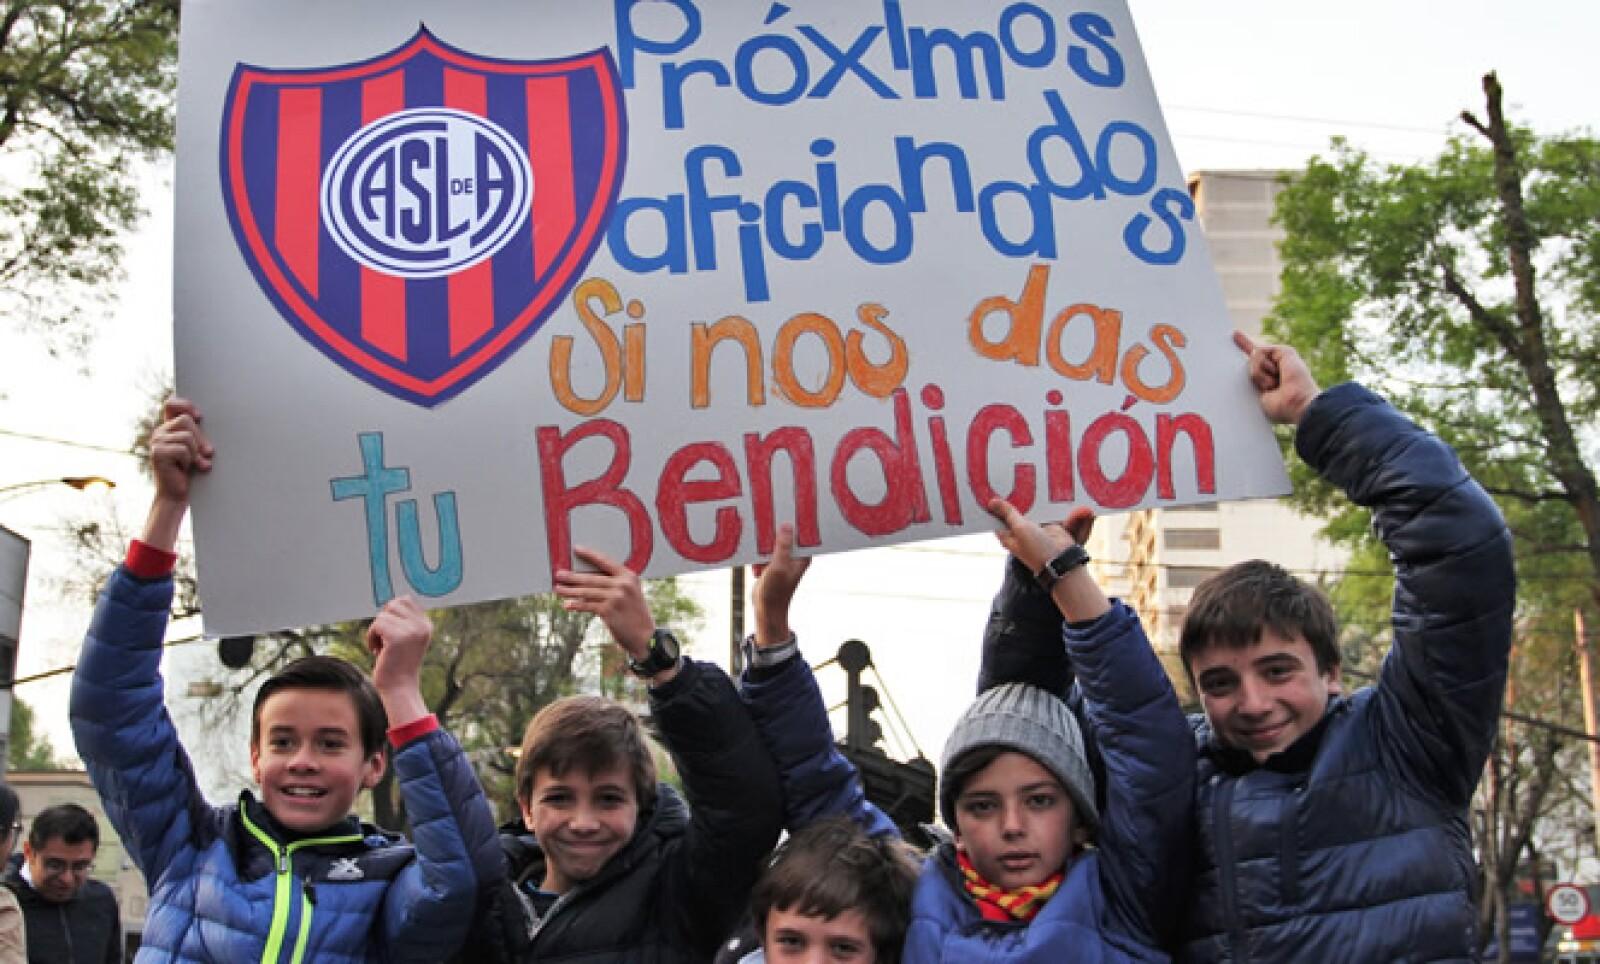 Un grupo de niños pidió la bendición papal... ¿para meter gol?